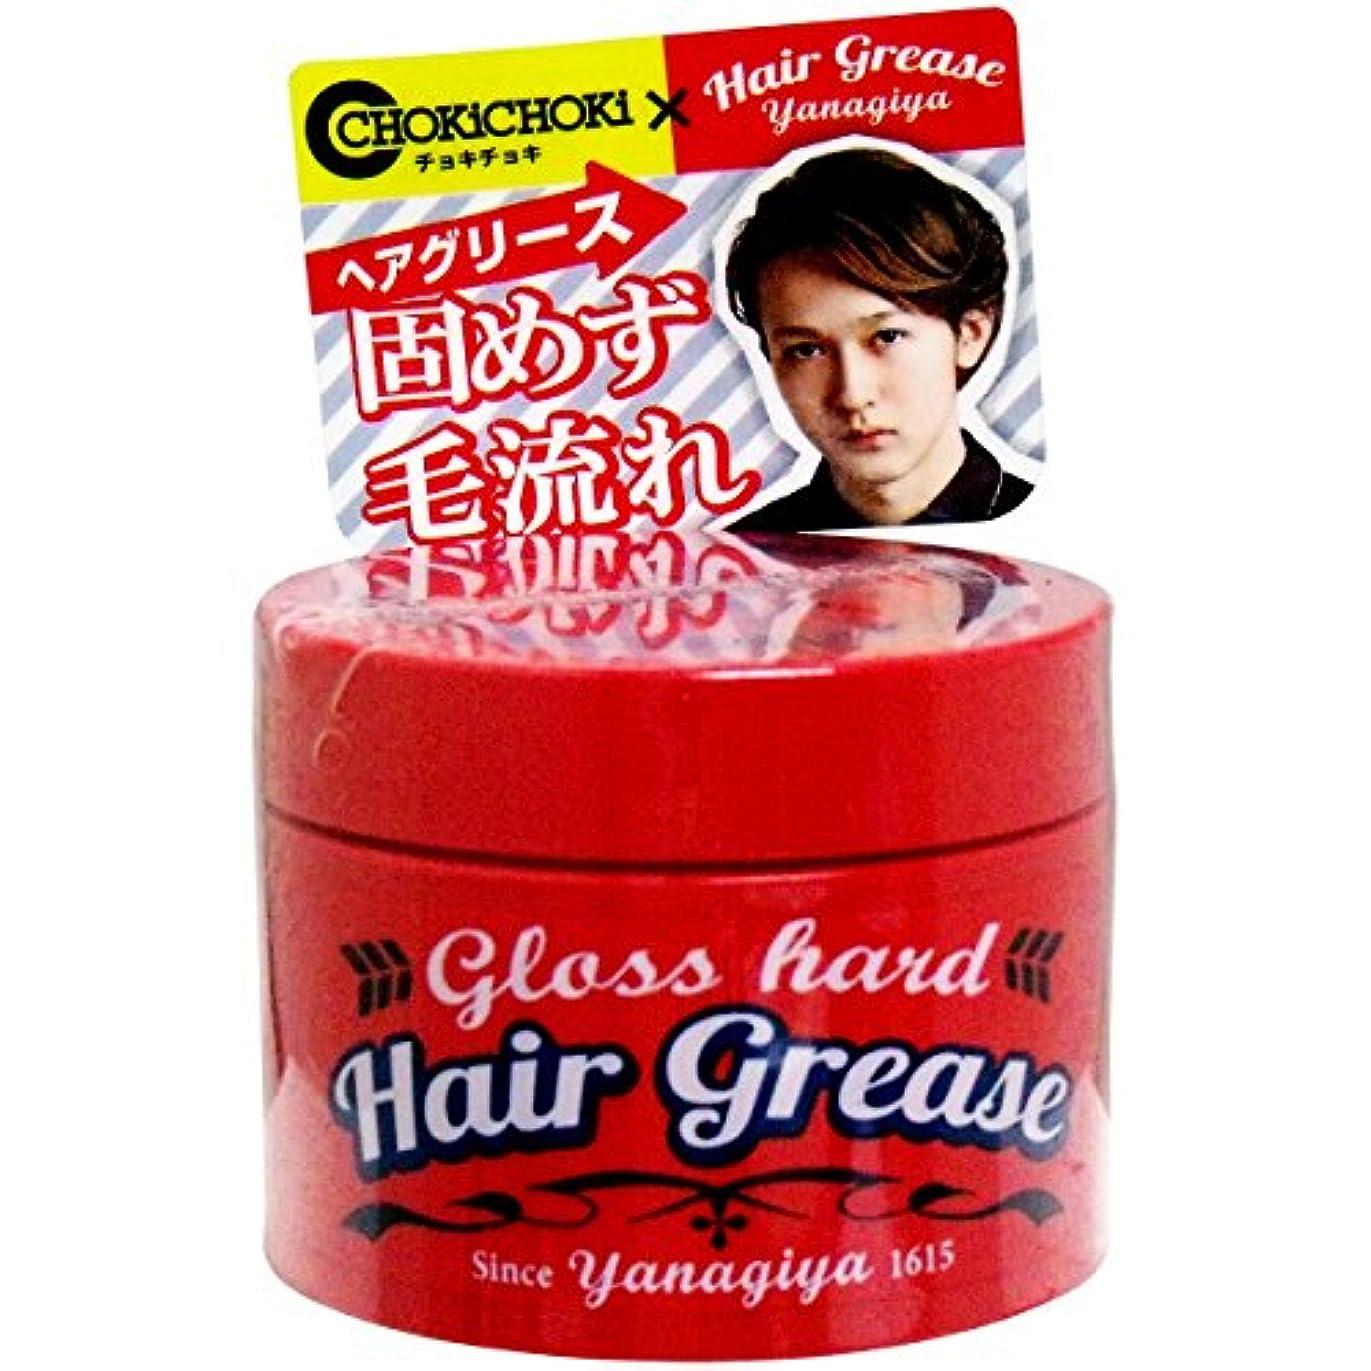 発症神経衰弱ドアヘアワックス 固めず毛流れ 使いやすい YANAGIYA ヘアグリース グロスハード 90g入【3個セット】